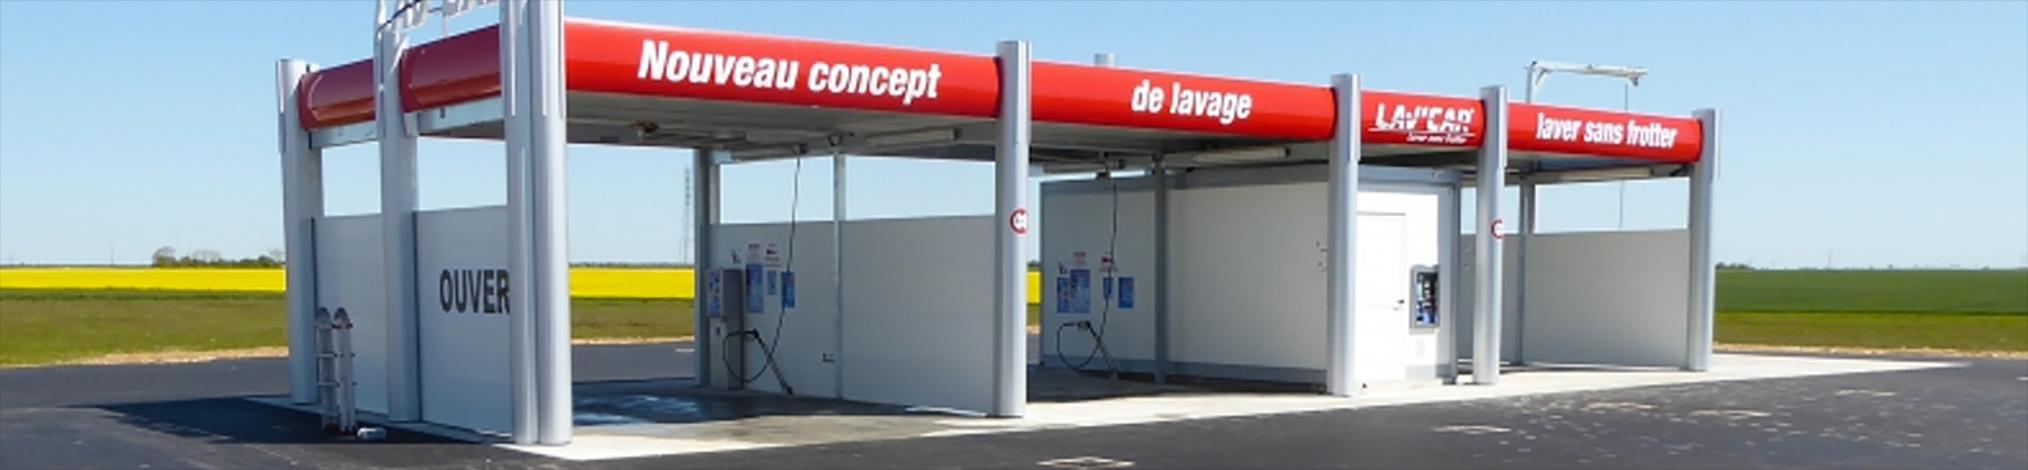 Création de station de lavage avec LAV'CAR